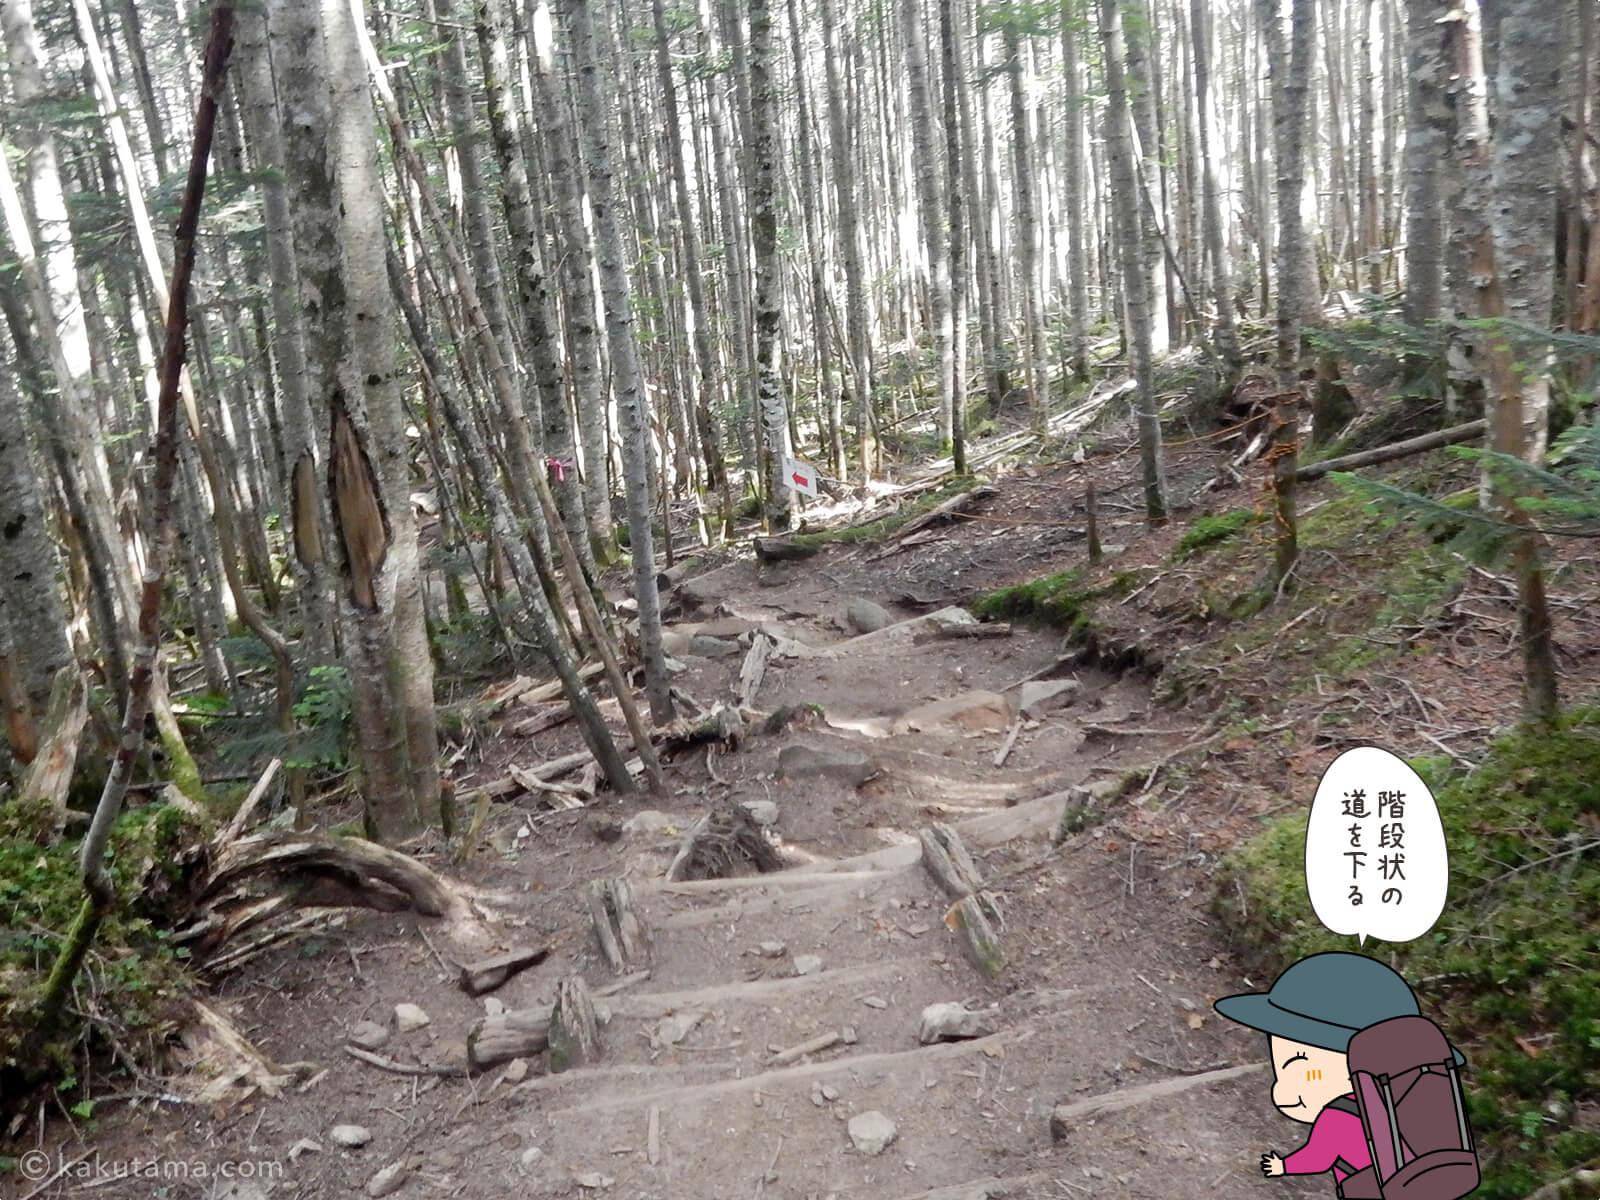 朝日峠から大弛峠へ向かって歩く4